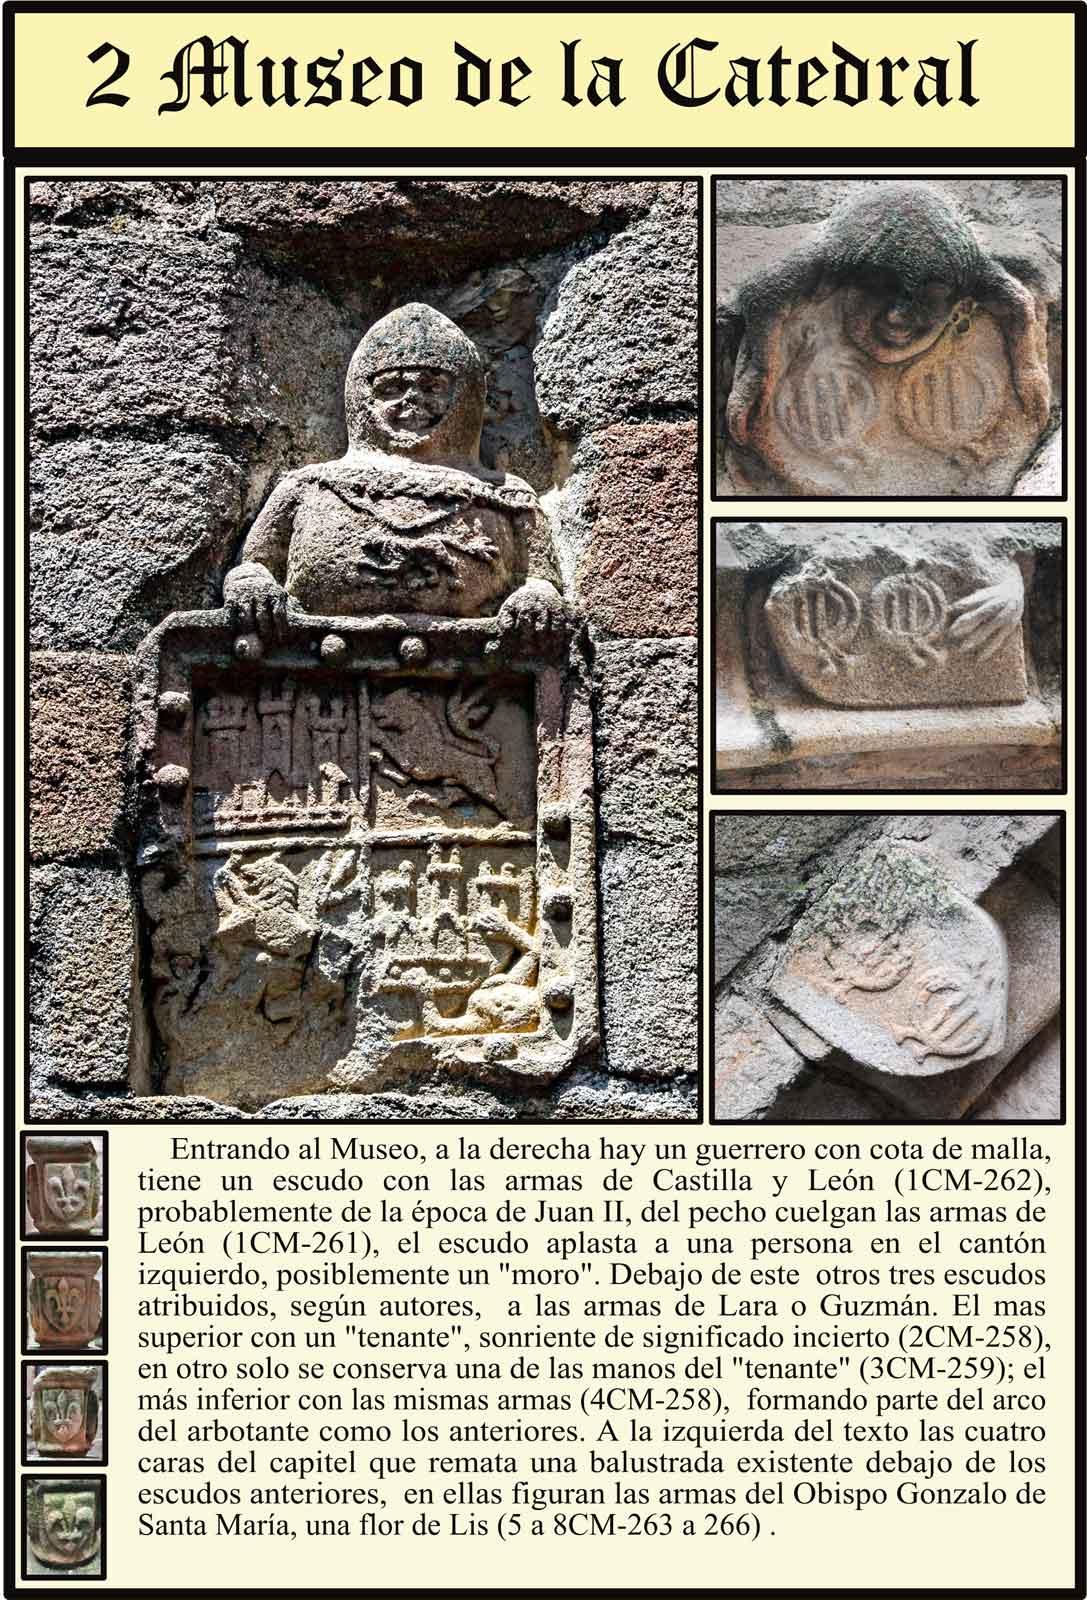 escudos en la entrada al Museo de la Catedral